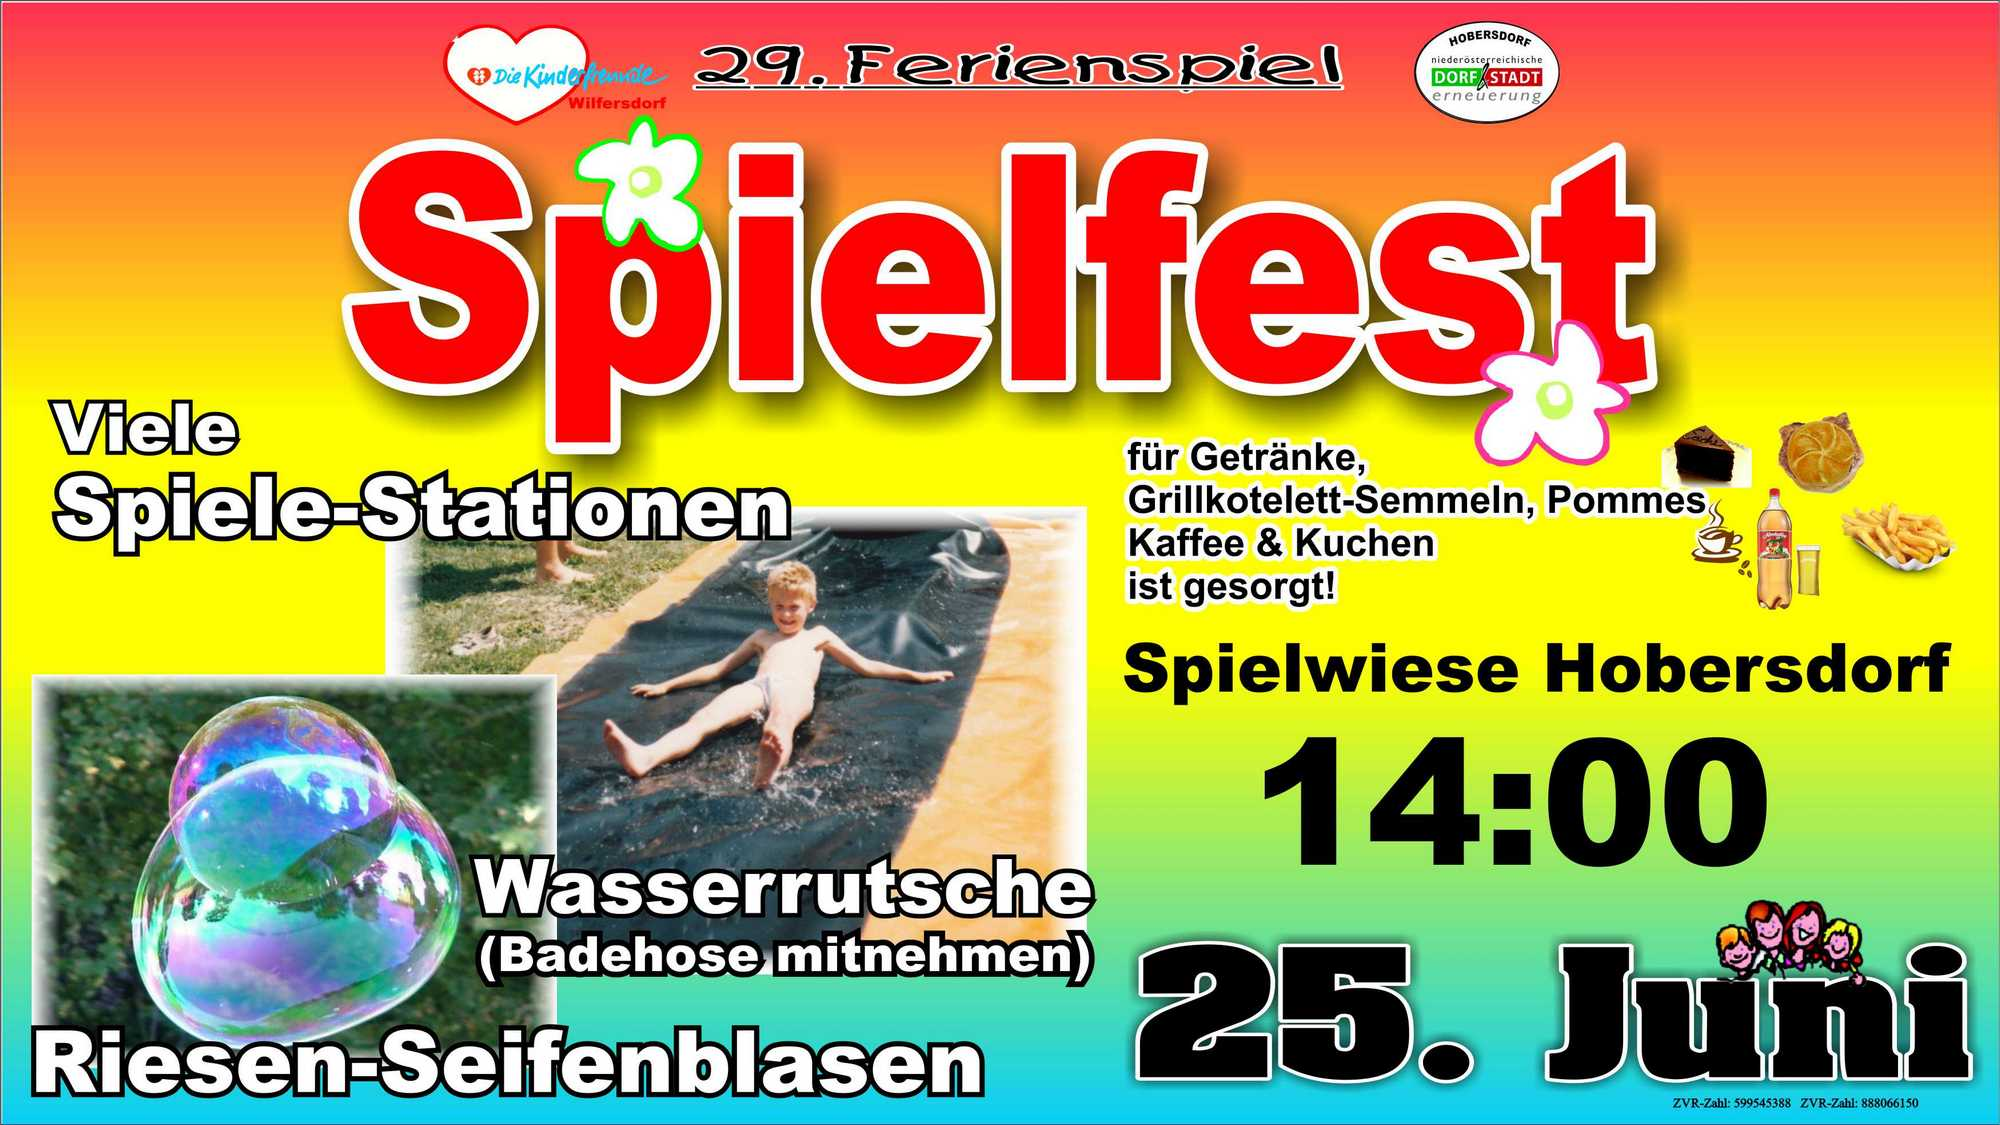 Spielfest auf der Spielwiese Hobersdorf